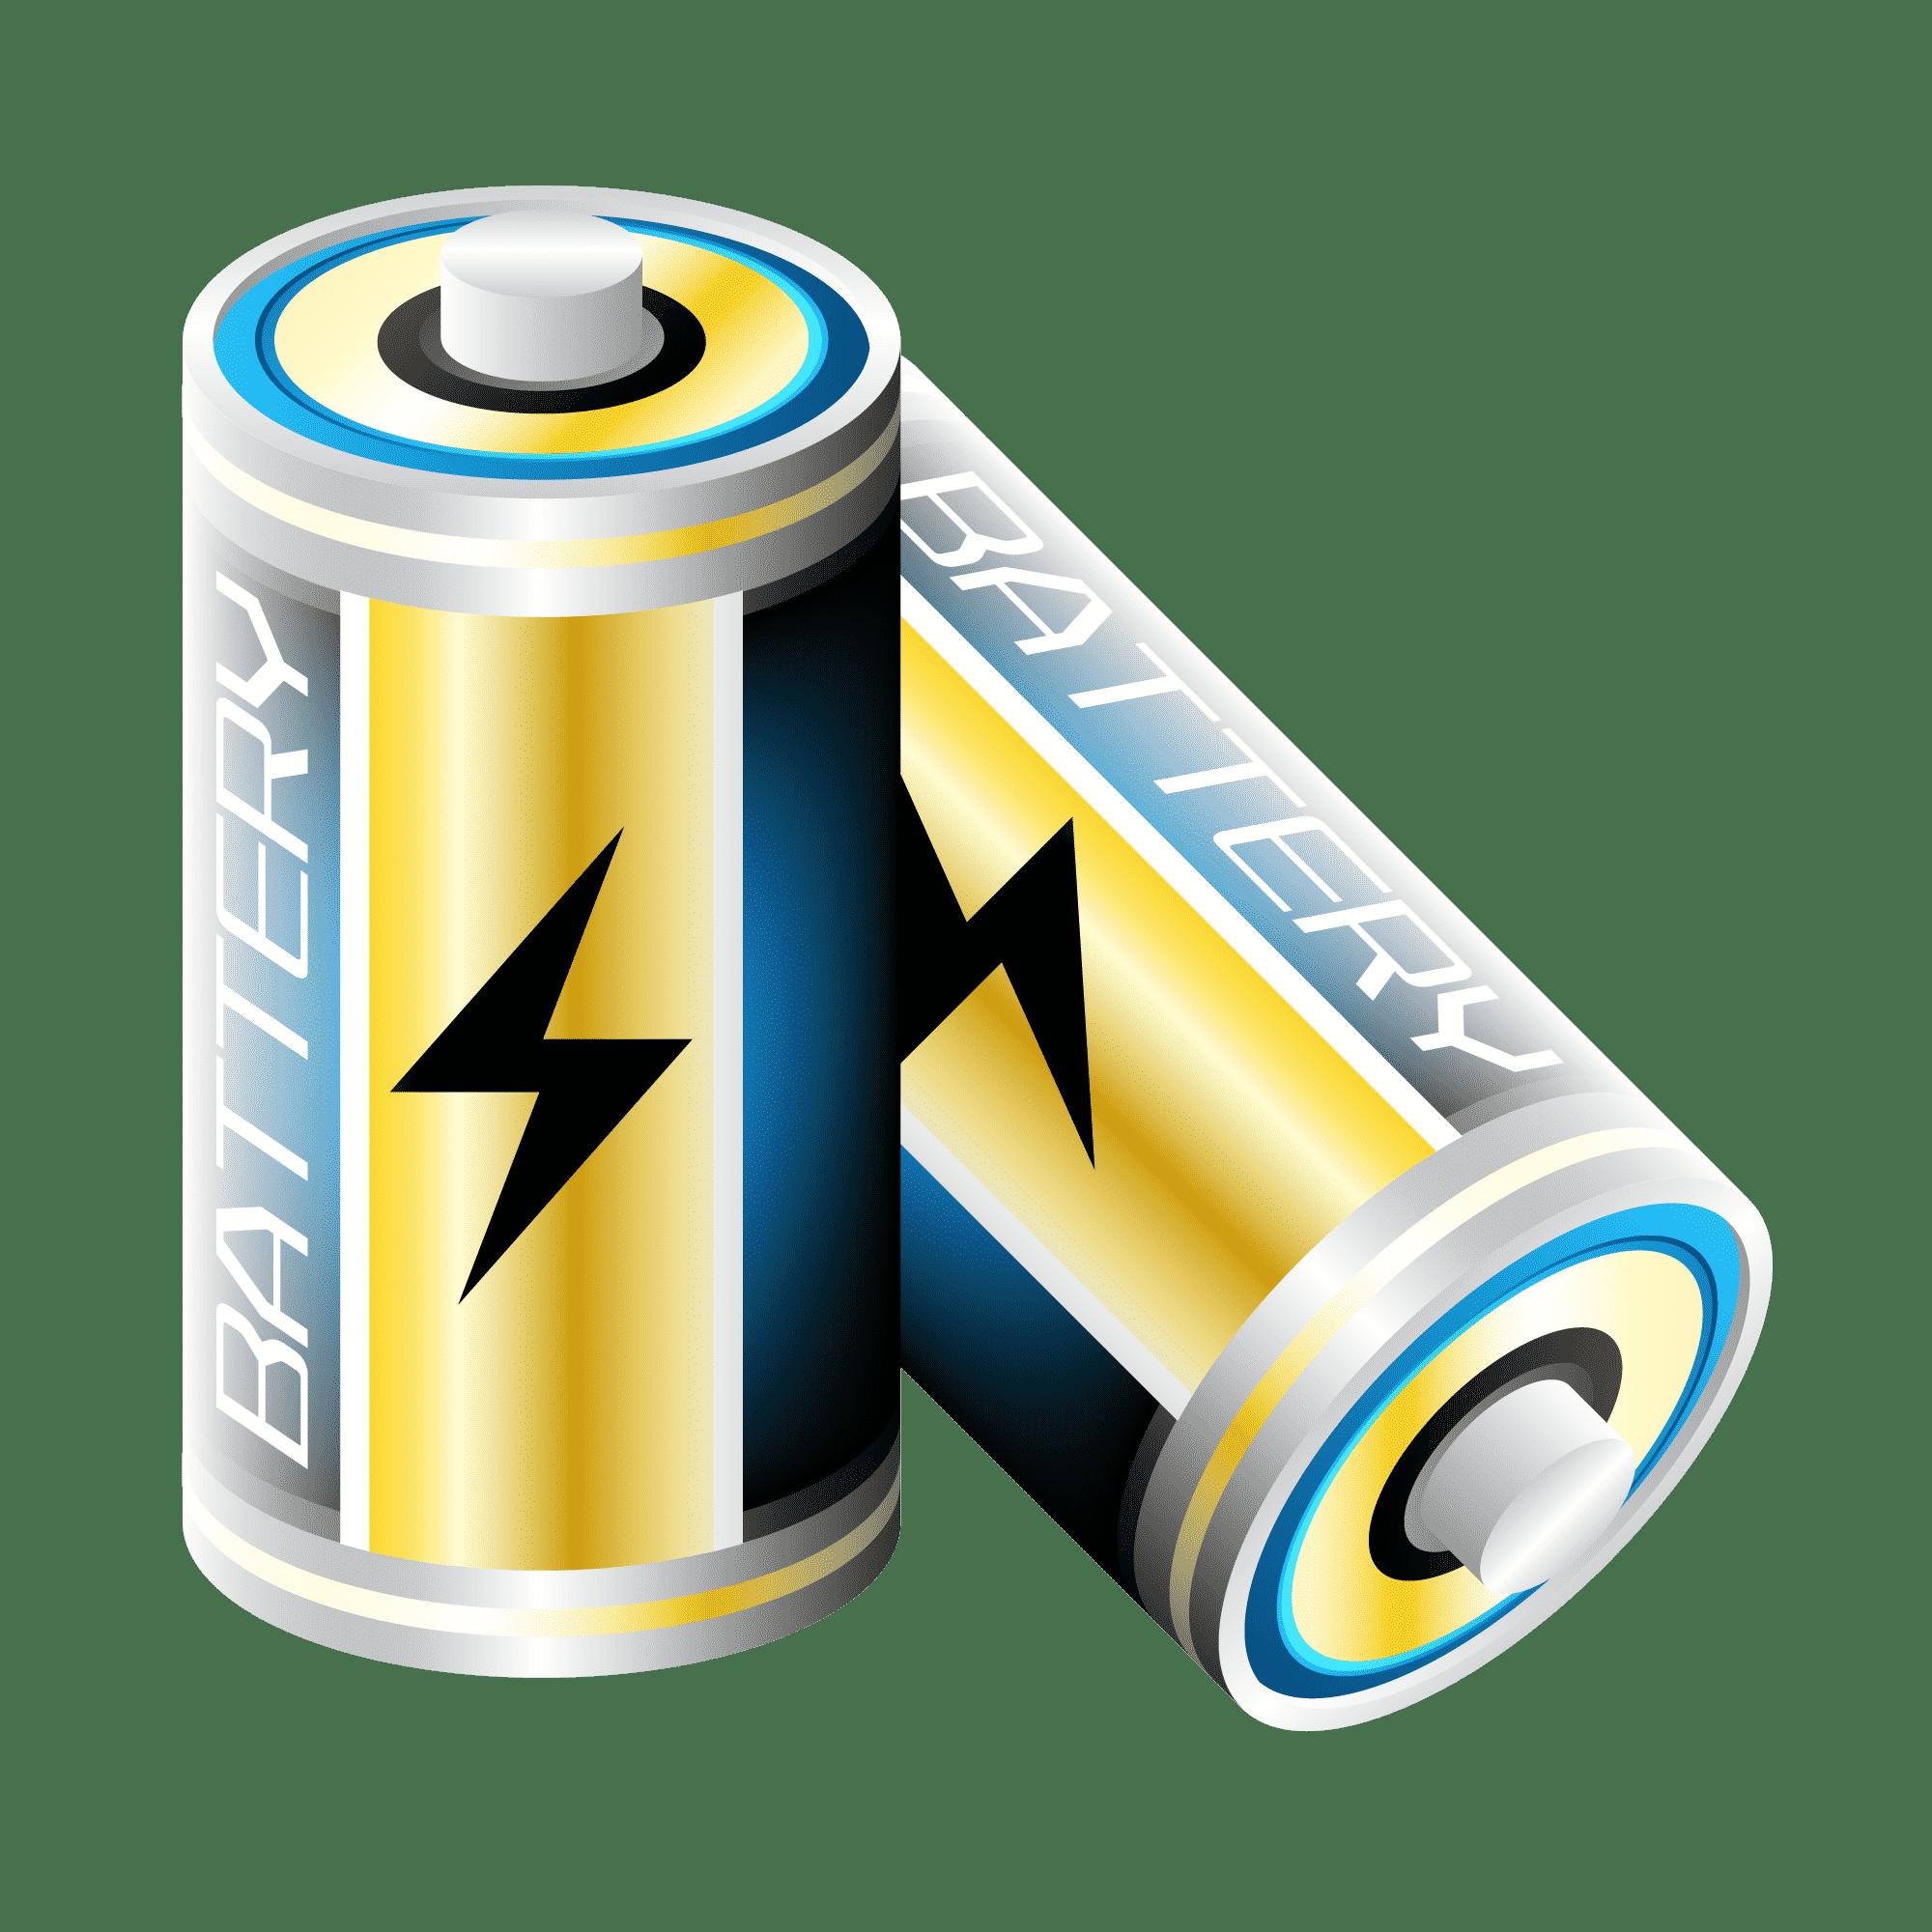 保險箱小學堂(二):保險箱可以使用鹼性電池嗎?推薦嗎?